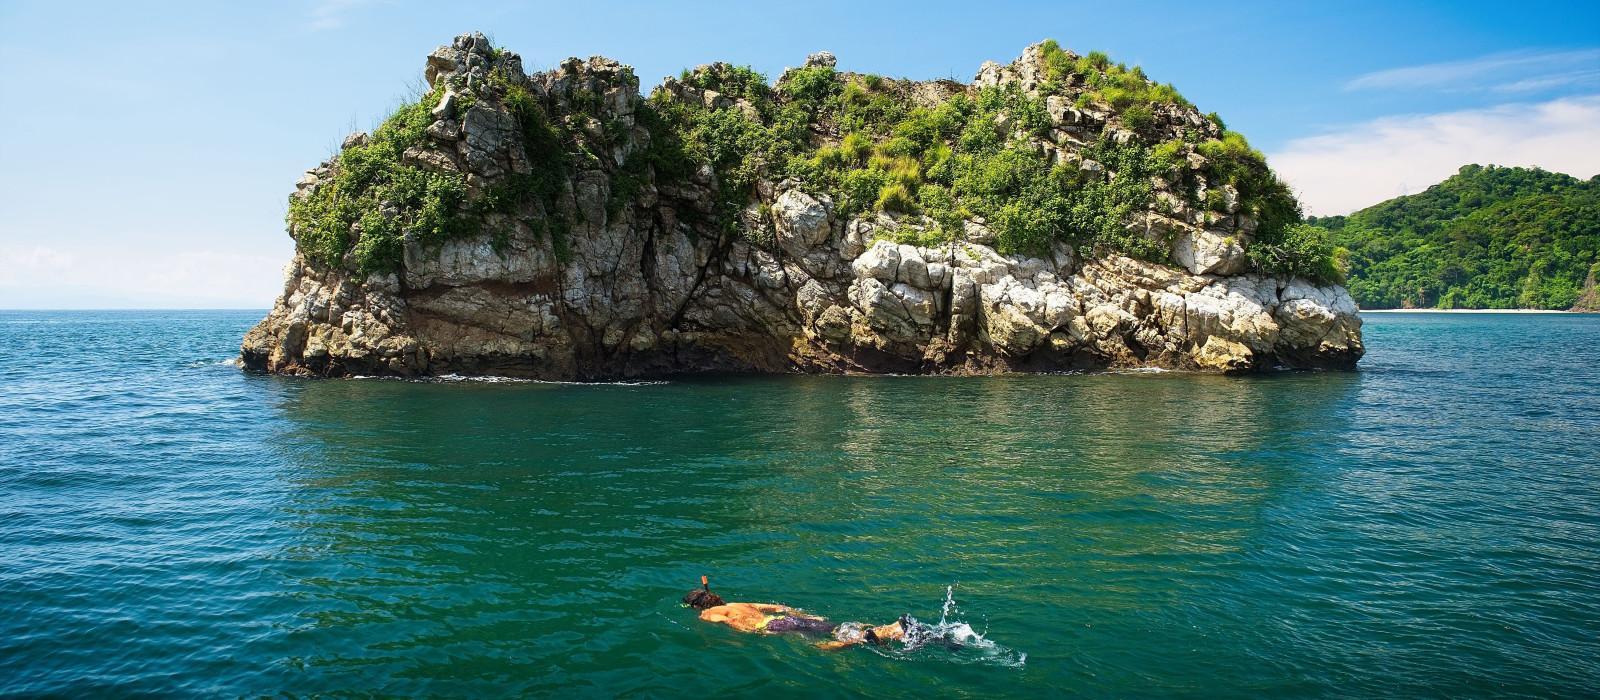 Costa Rica Luxusreise: Abenteuer & Strand Urlaub 1